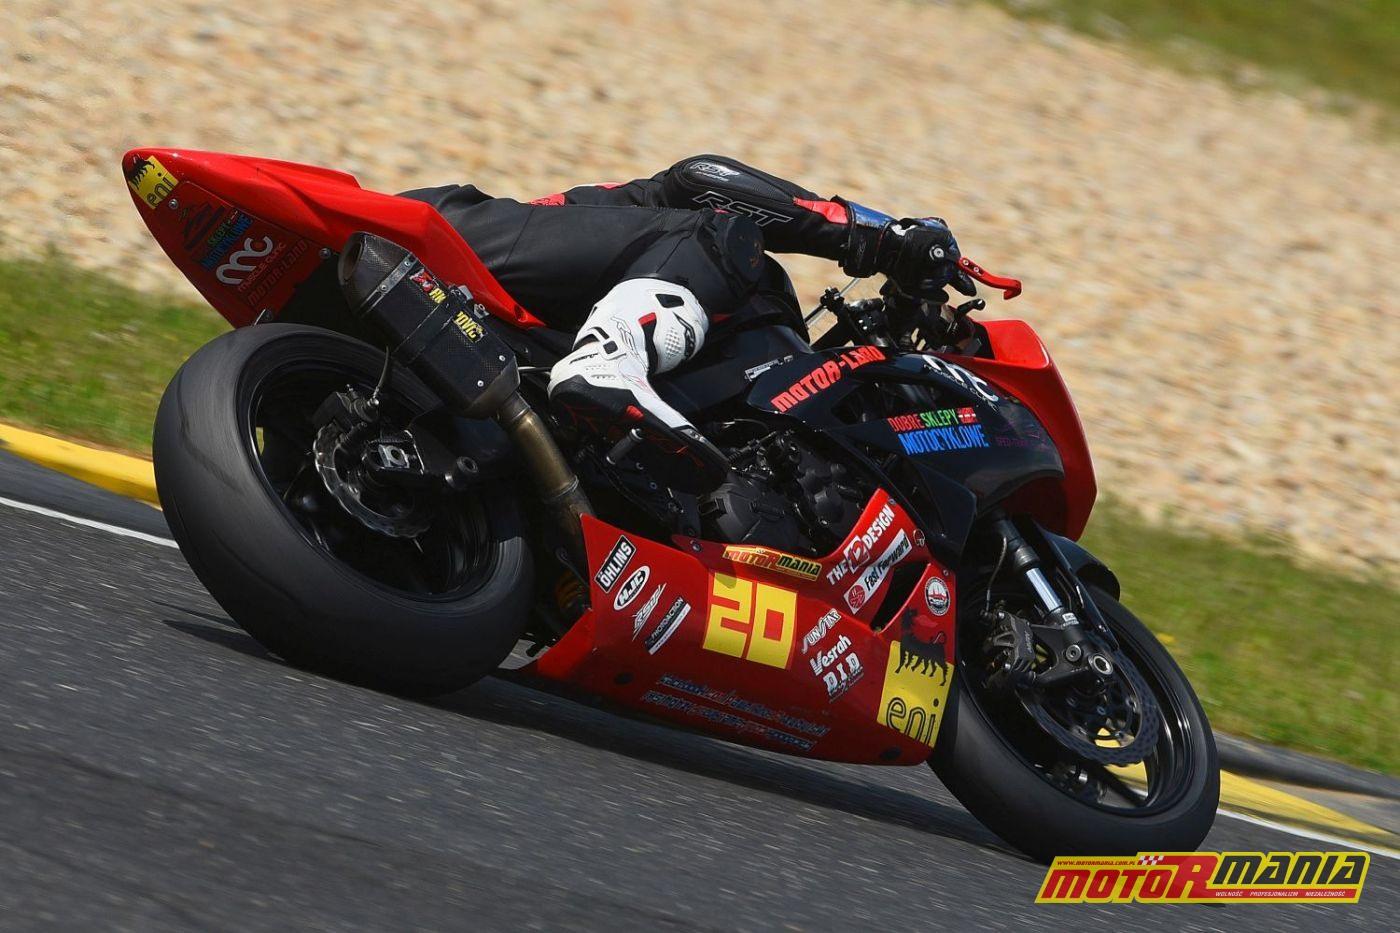 Buty RST RACE BOOT - Rinas testuje (4)